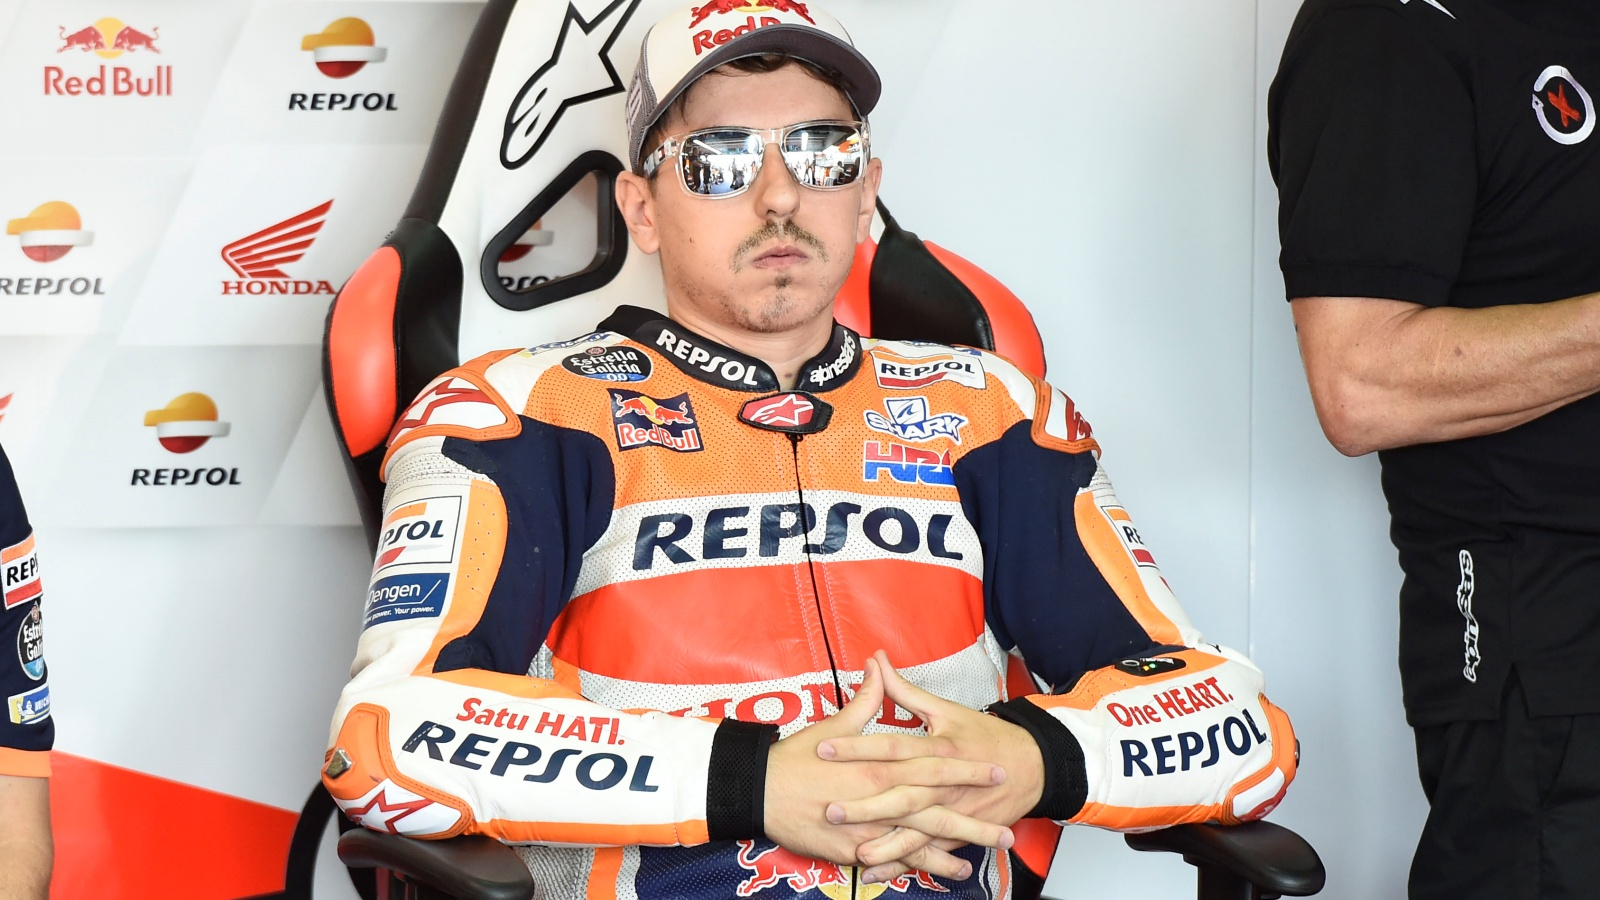 """Jorge Lorenzo: """"Estoy muy muy lejos de la cabeza, ni siquiera espero luchar por podios"""""""